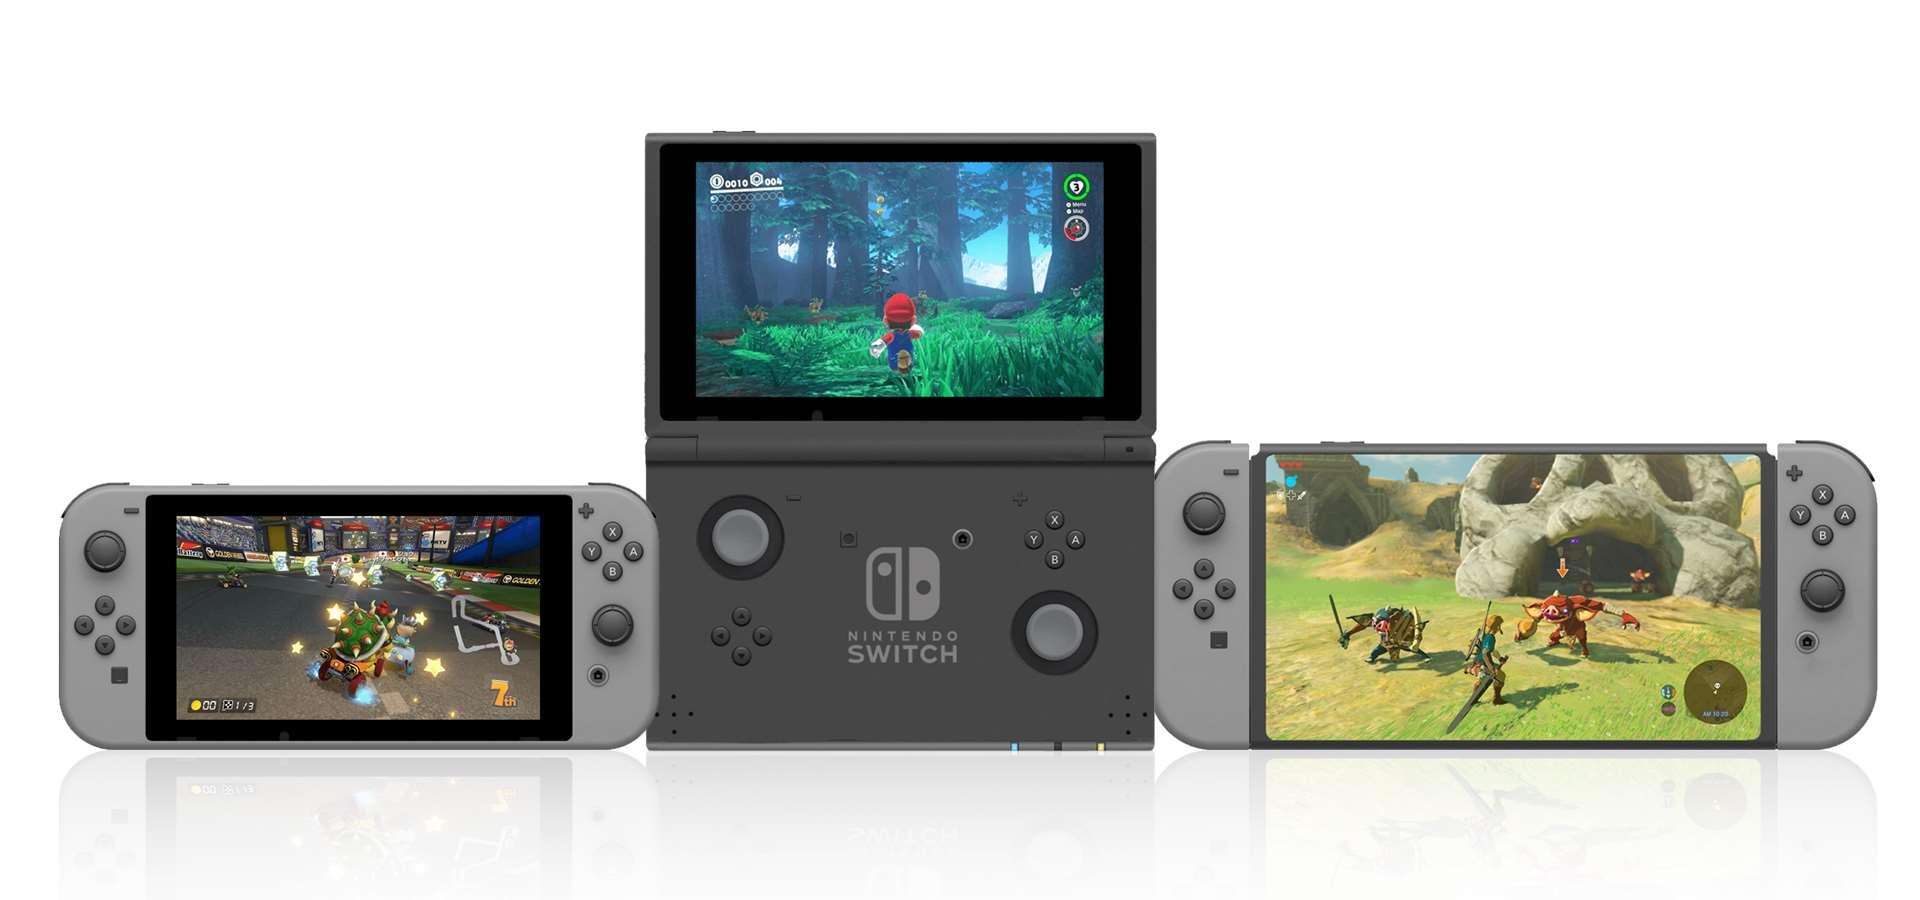 cc3c4fc16 Chystají se nové revize konzole Nintendo Switch? – Doupě.cz